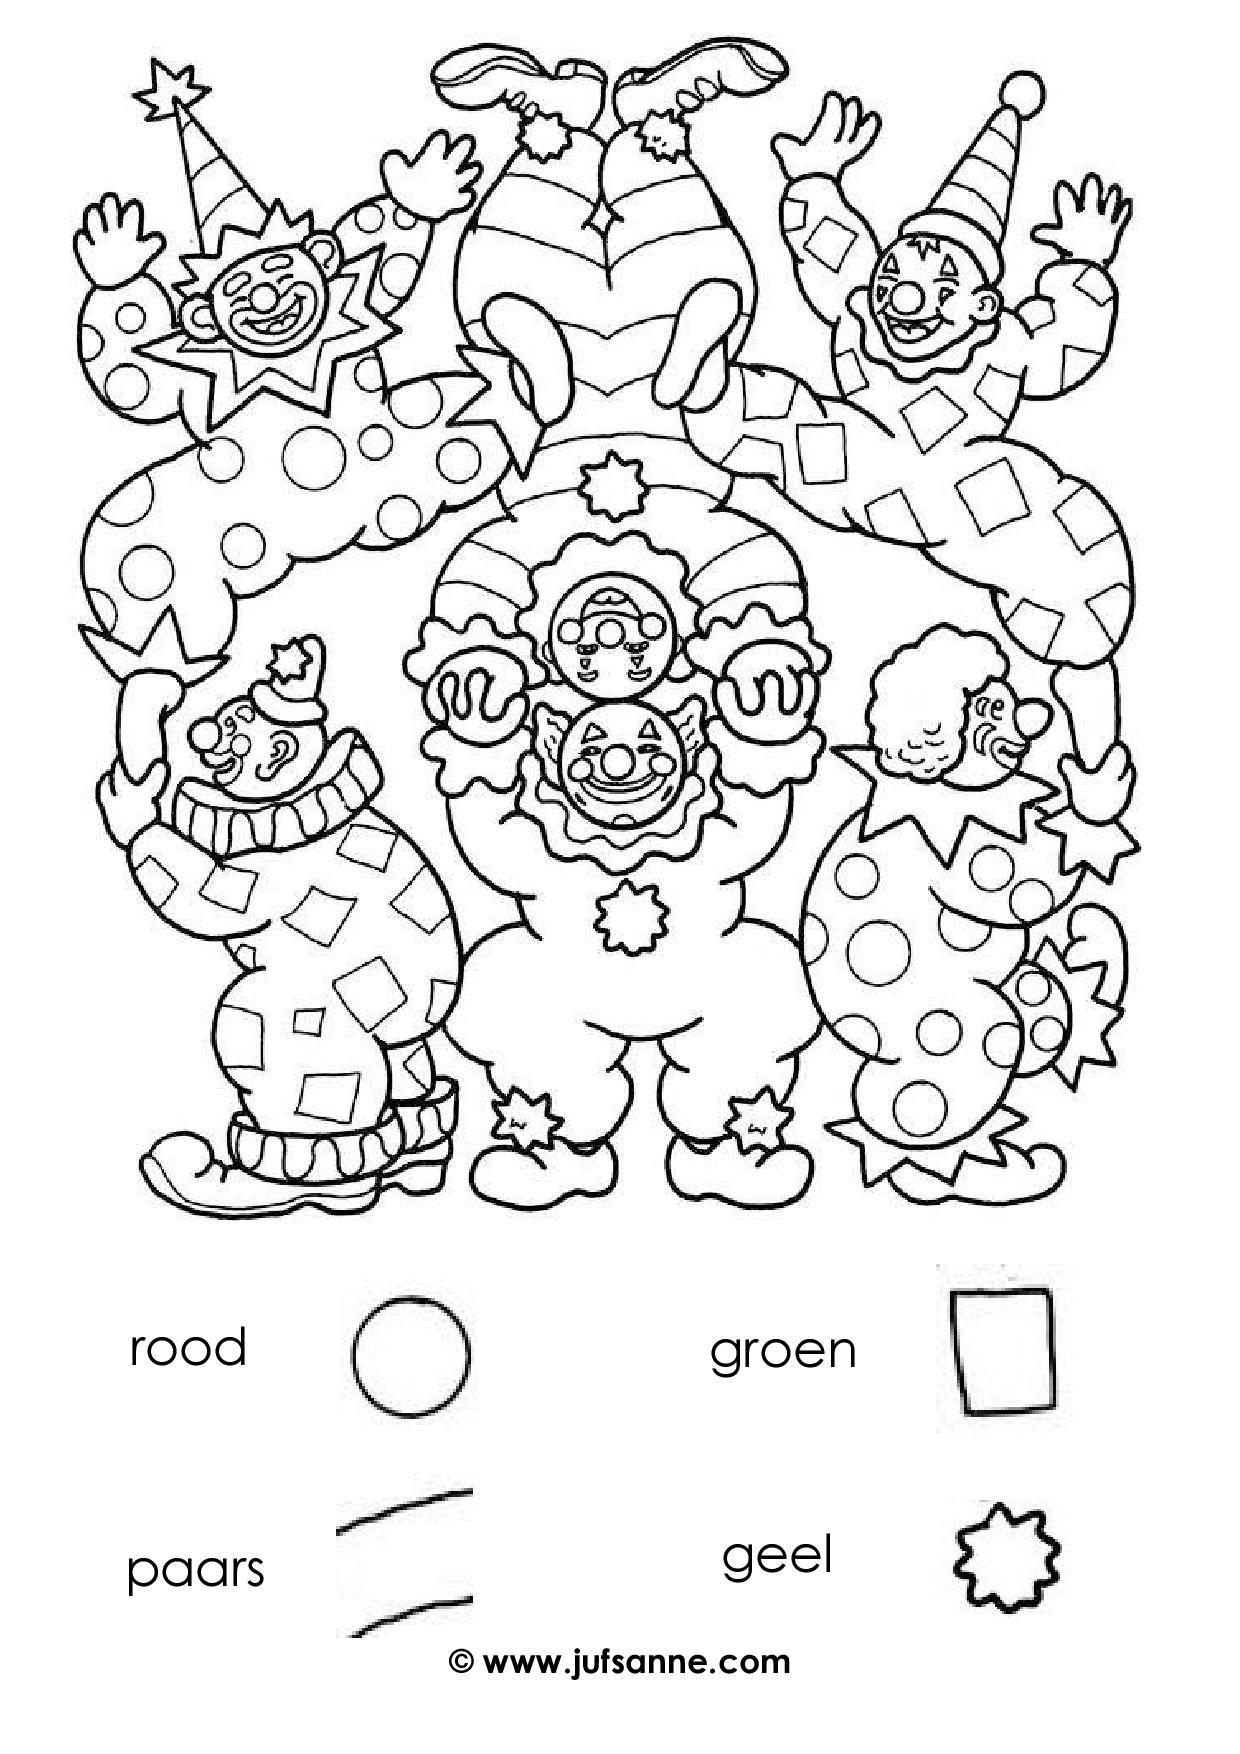 Carnaval Kleurplaten Kleurboek Kleurplaten Voor Kinderen